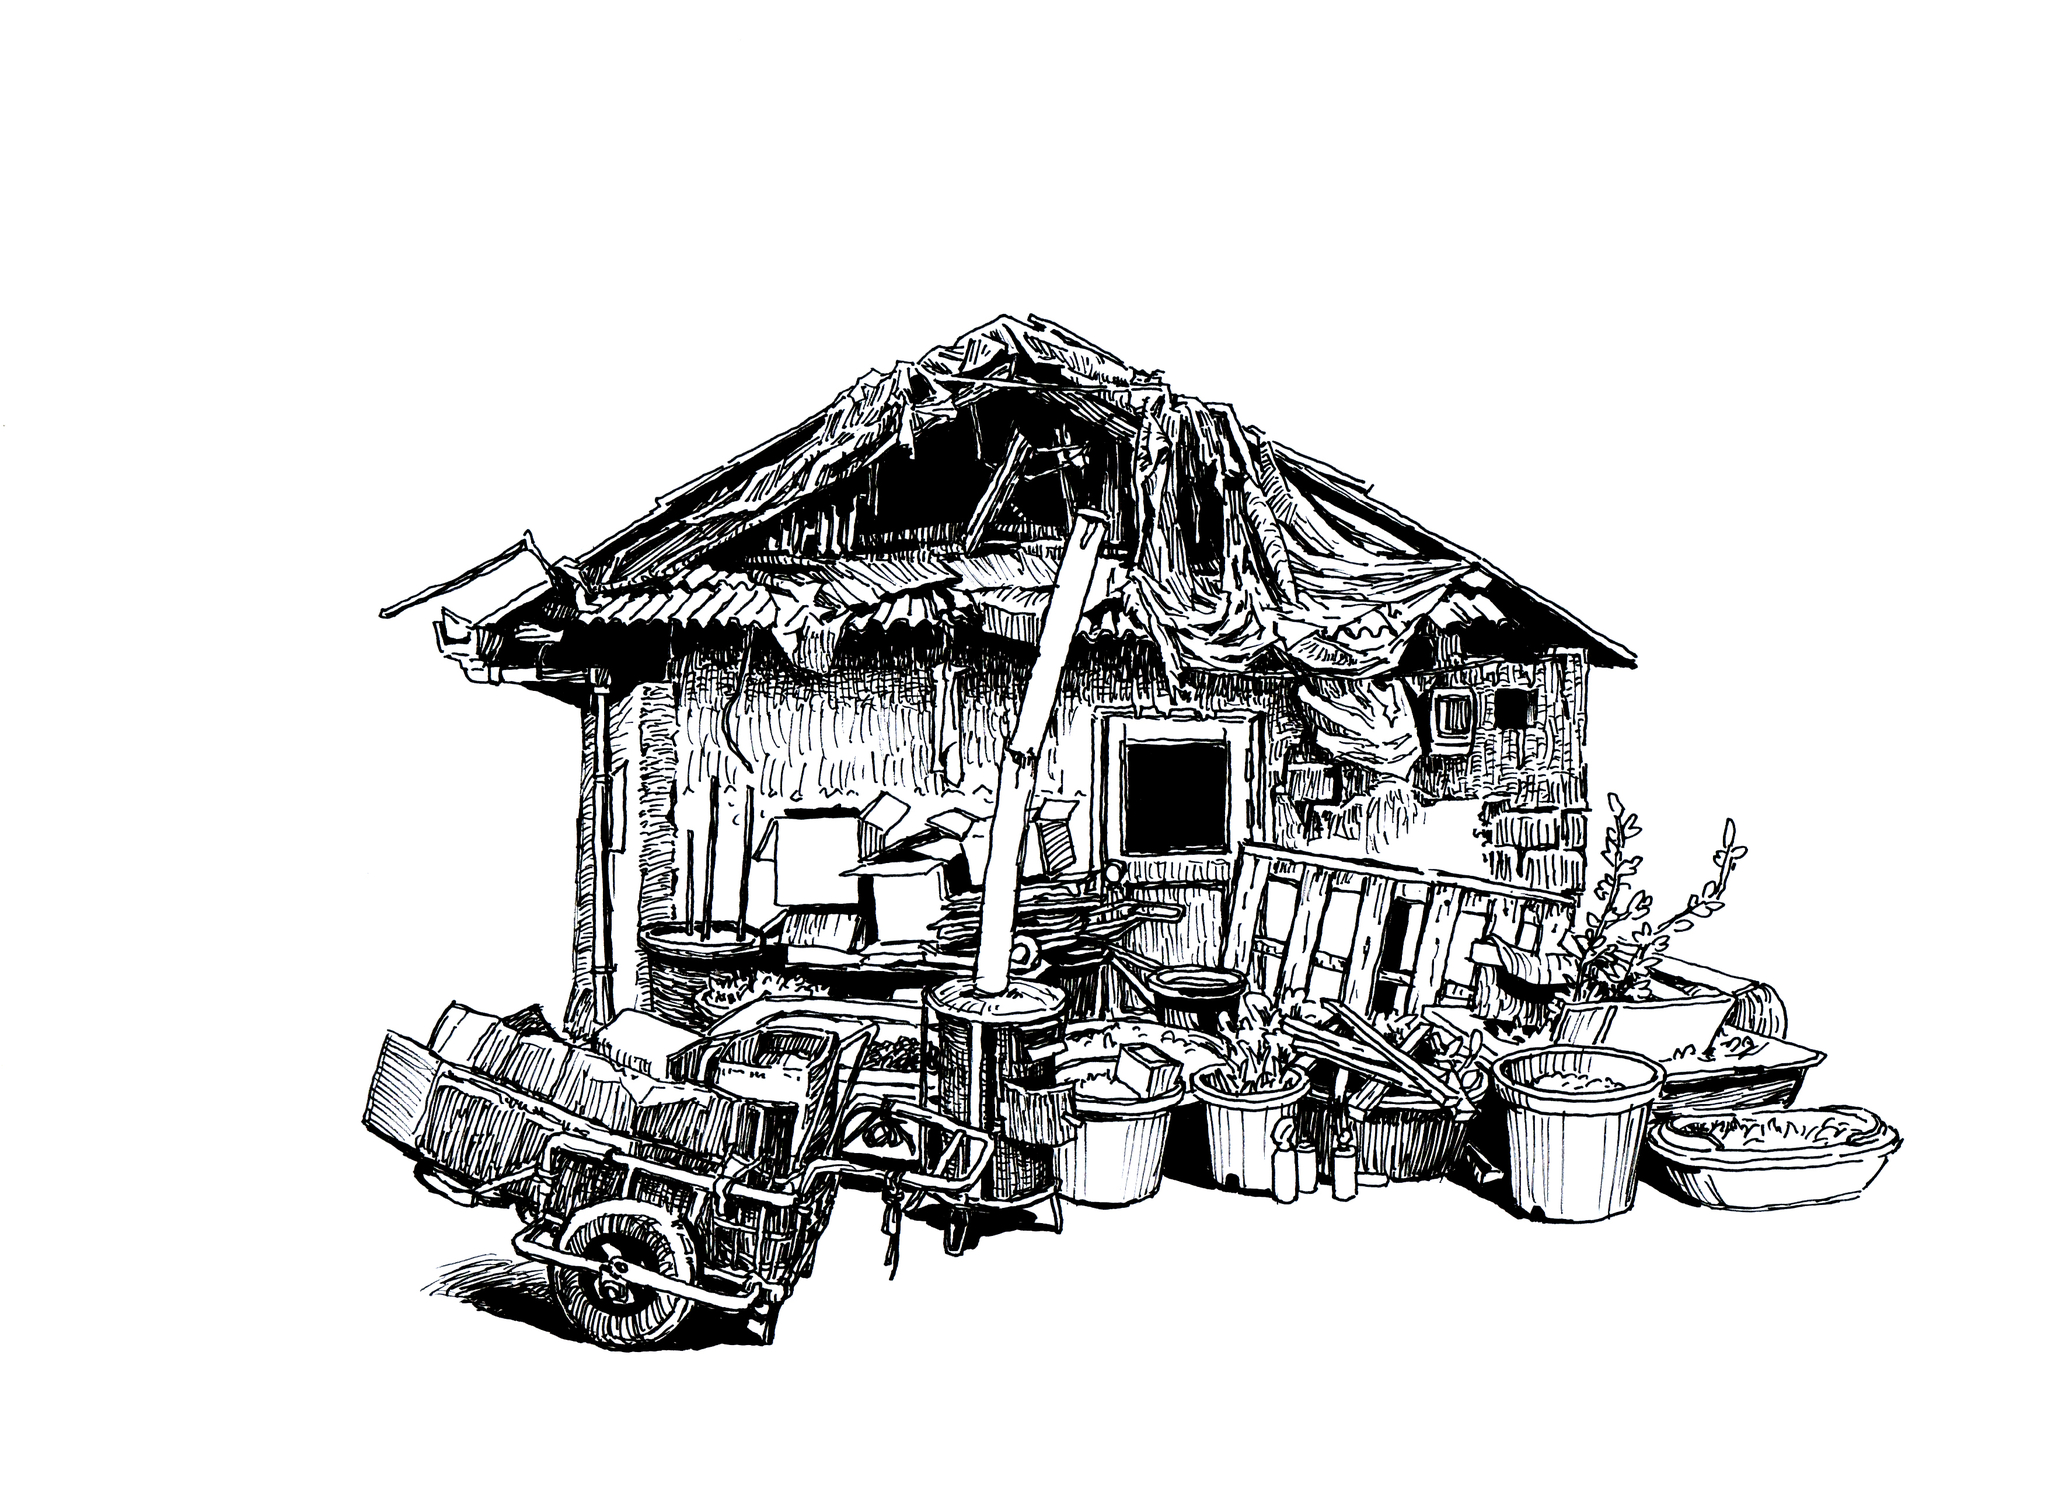 선미촌 골목에 있는 이웃집. 서완호 화가 작품. [사진 물결서사]